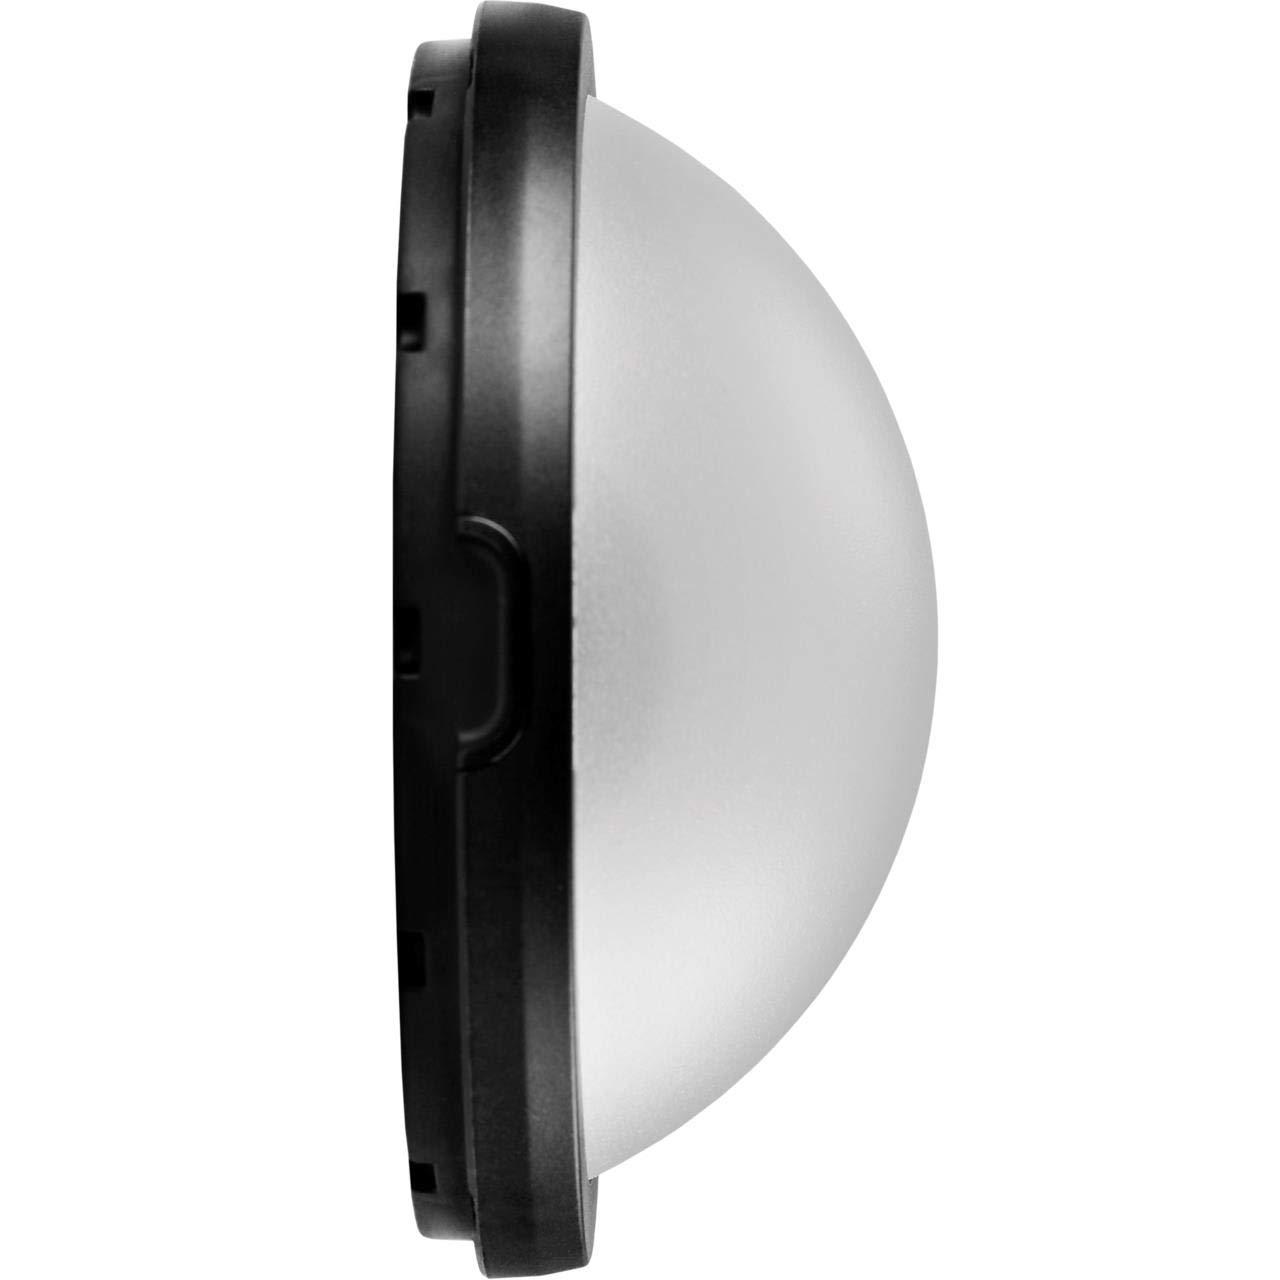 Profoto Clic Dome by Profoto